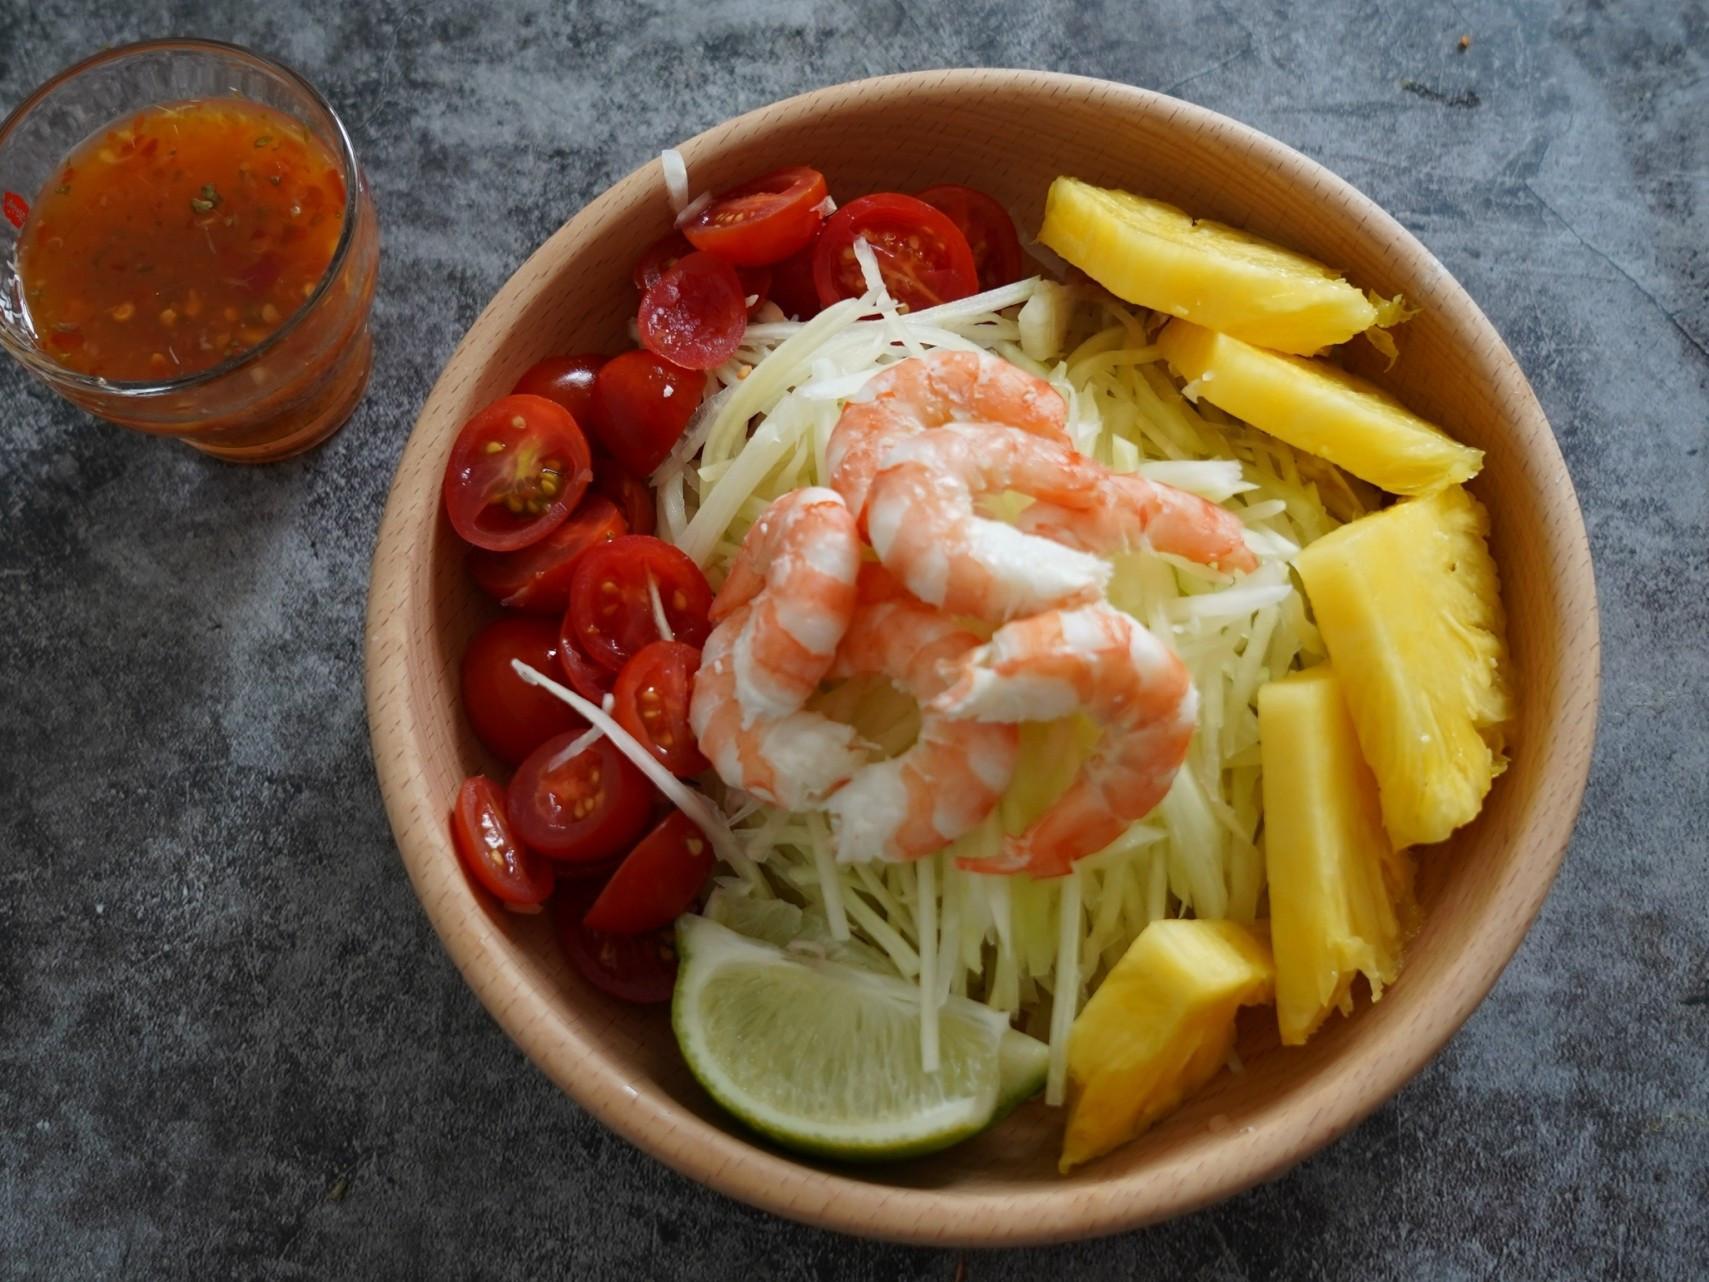 【挺鳳農】超清爽鳳梨泰式鮮蝦沙拉